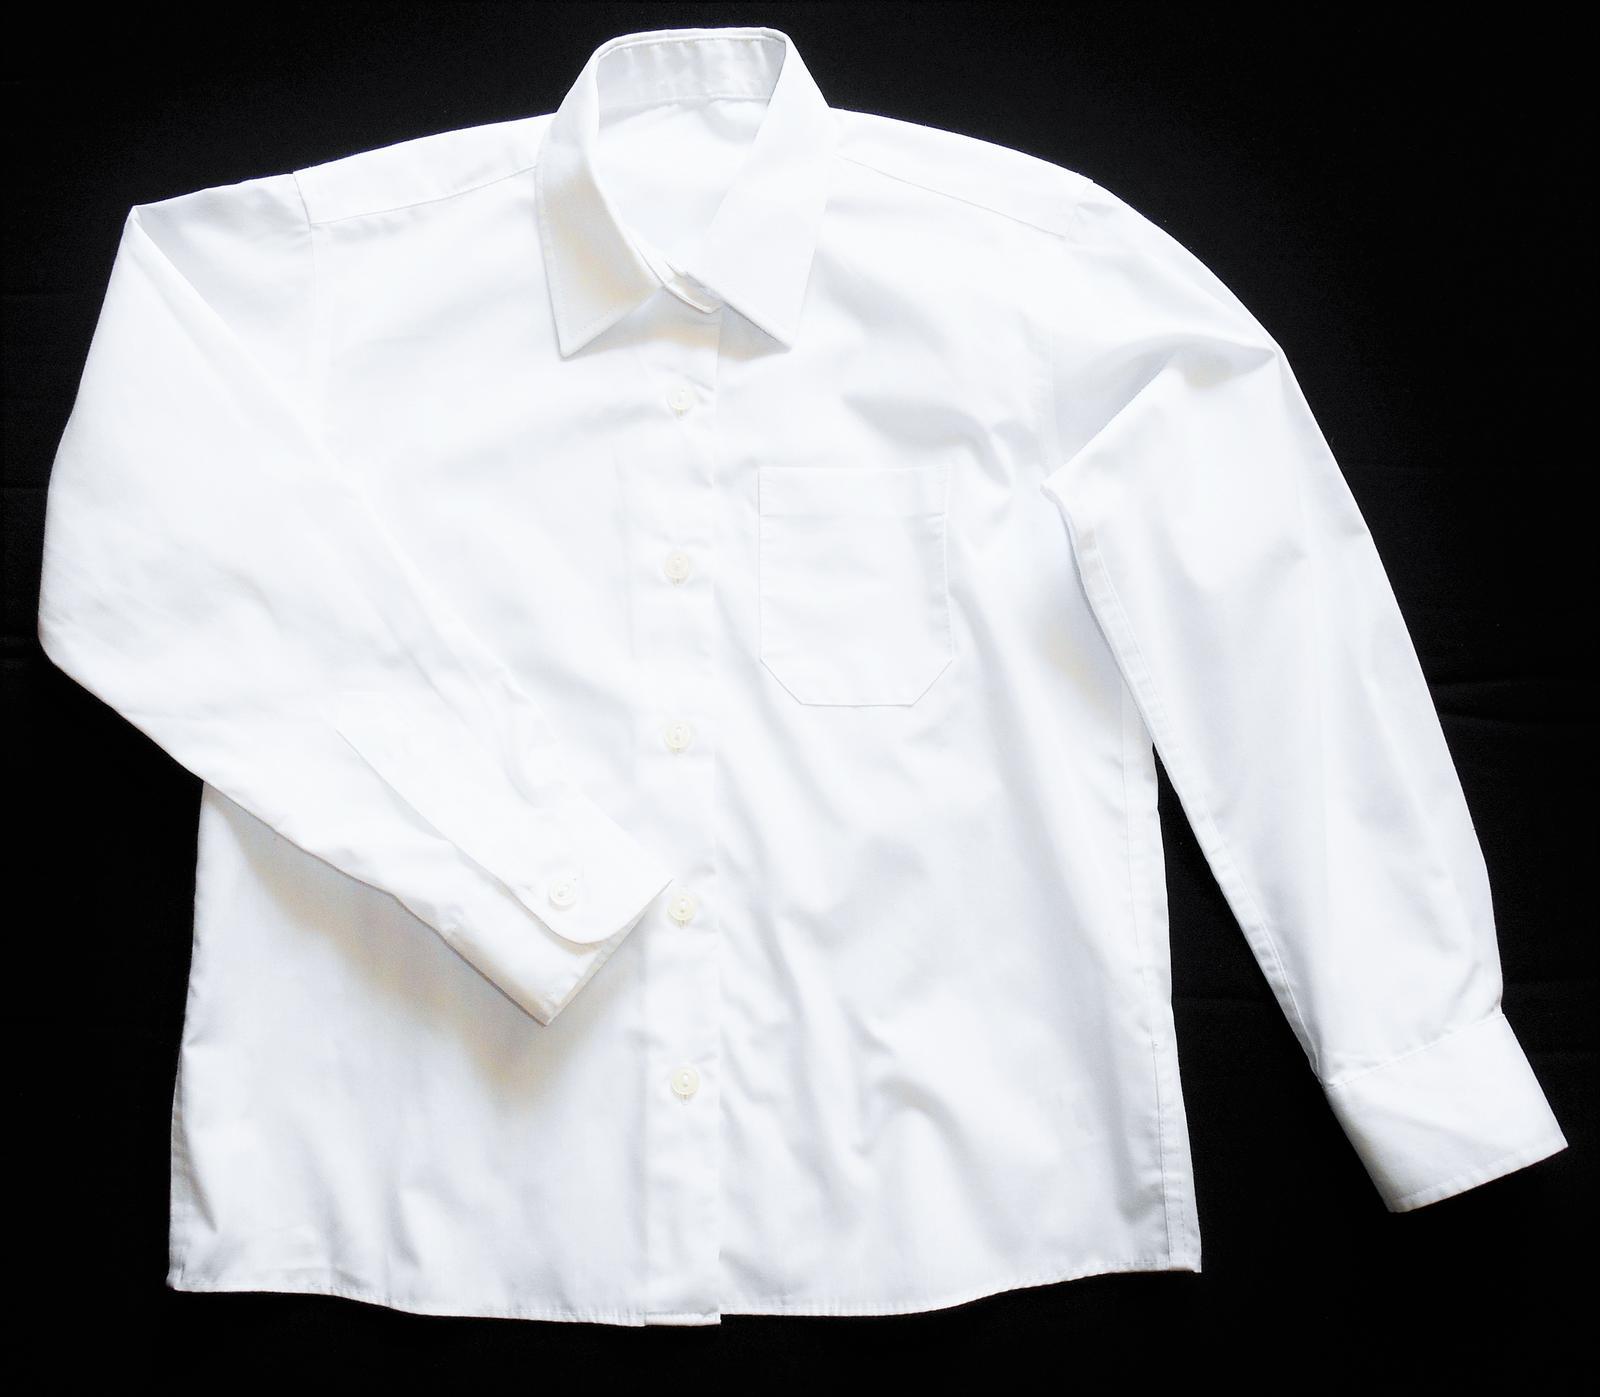 košeľa Marks&Spencer na 8 rokov - Obrázok č. 1